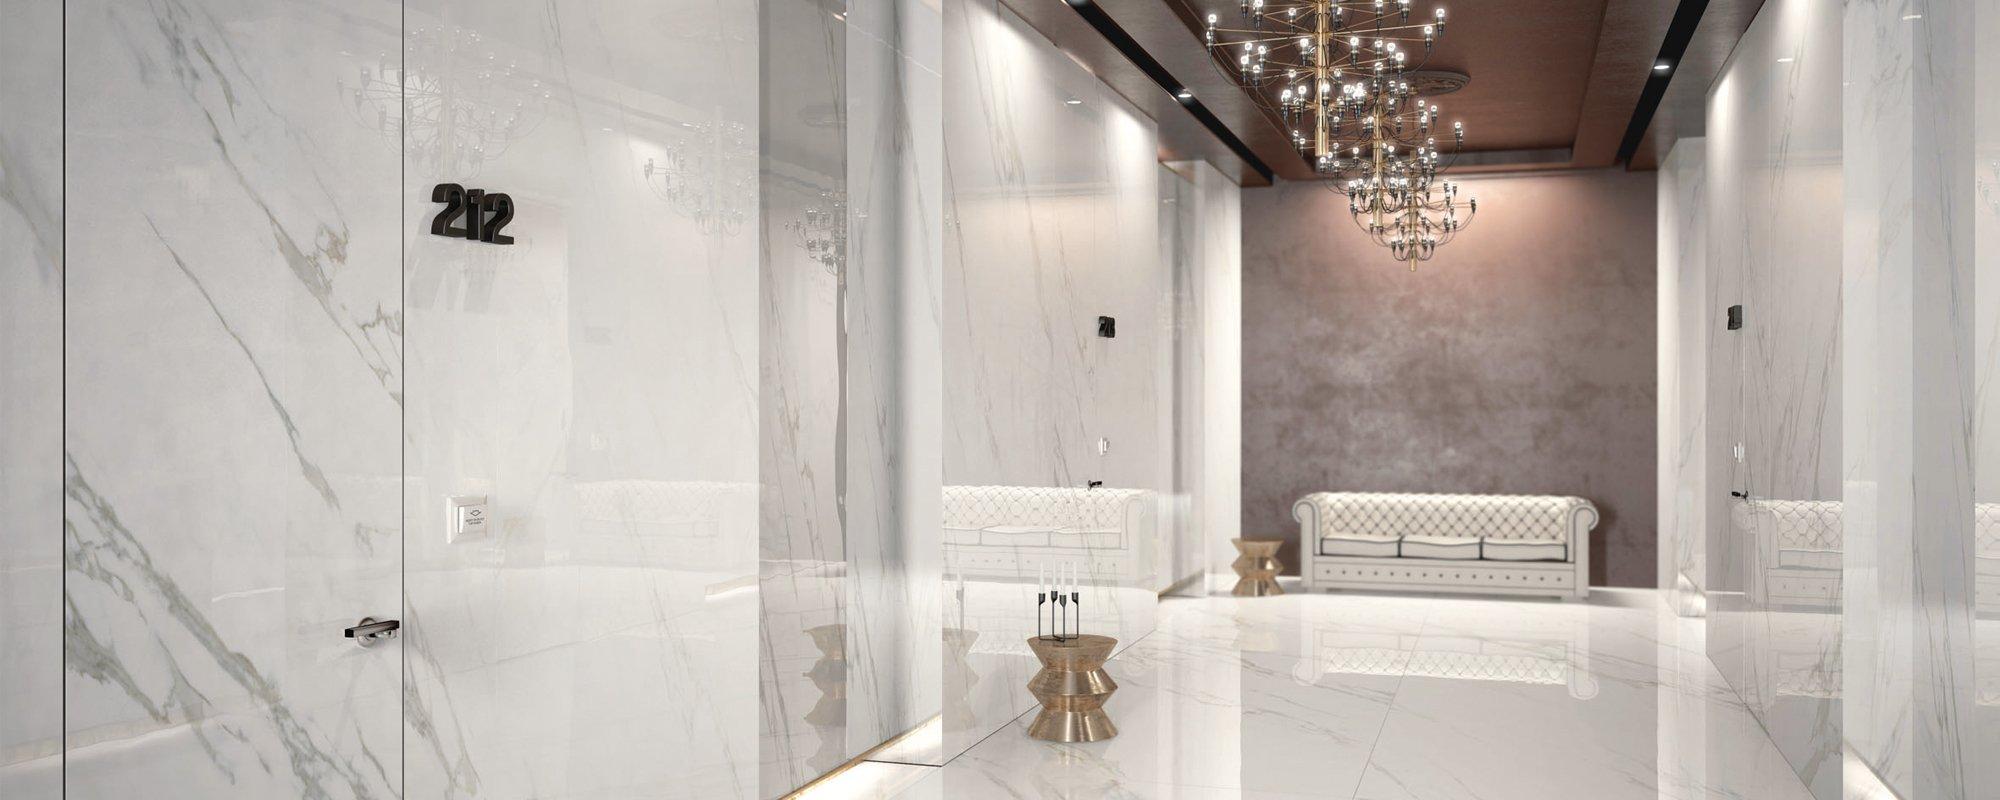 arredamento in marmo